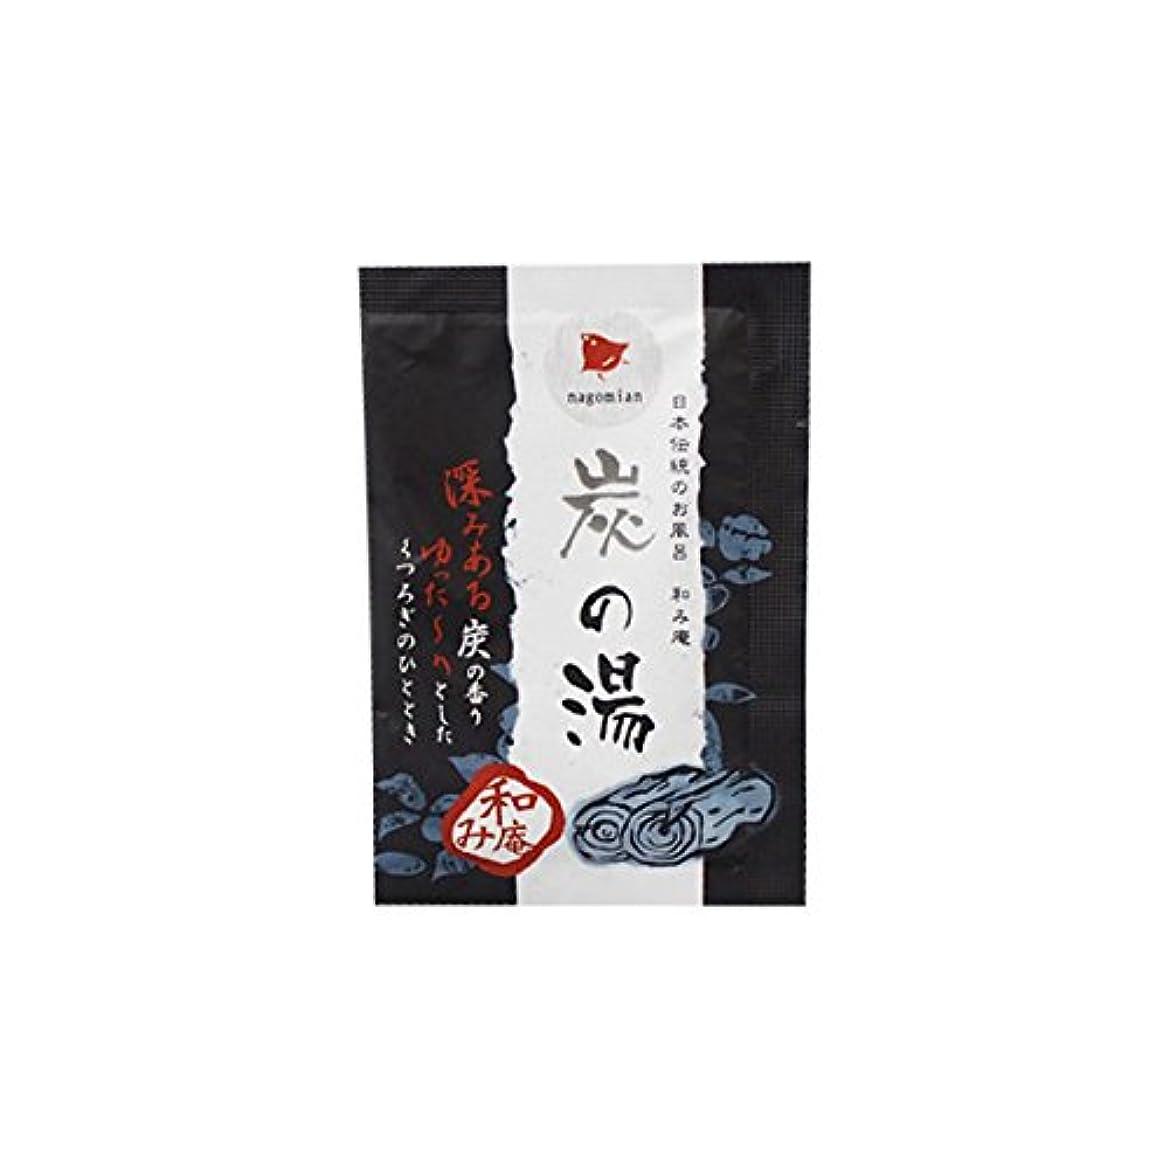 和み庵 入浴剤 「炭の湯」30個